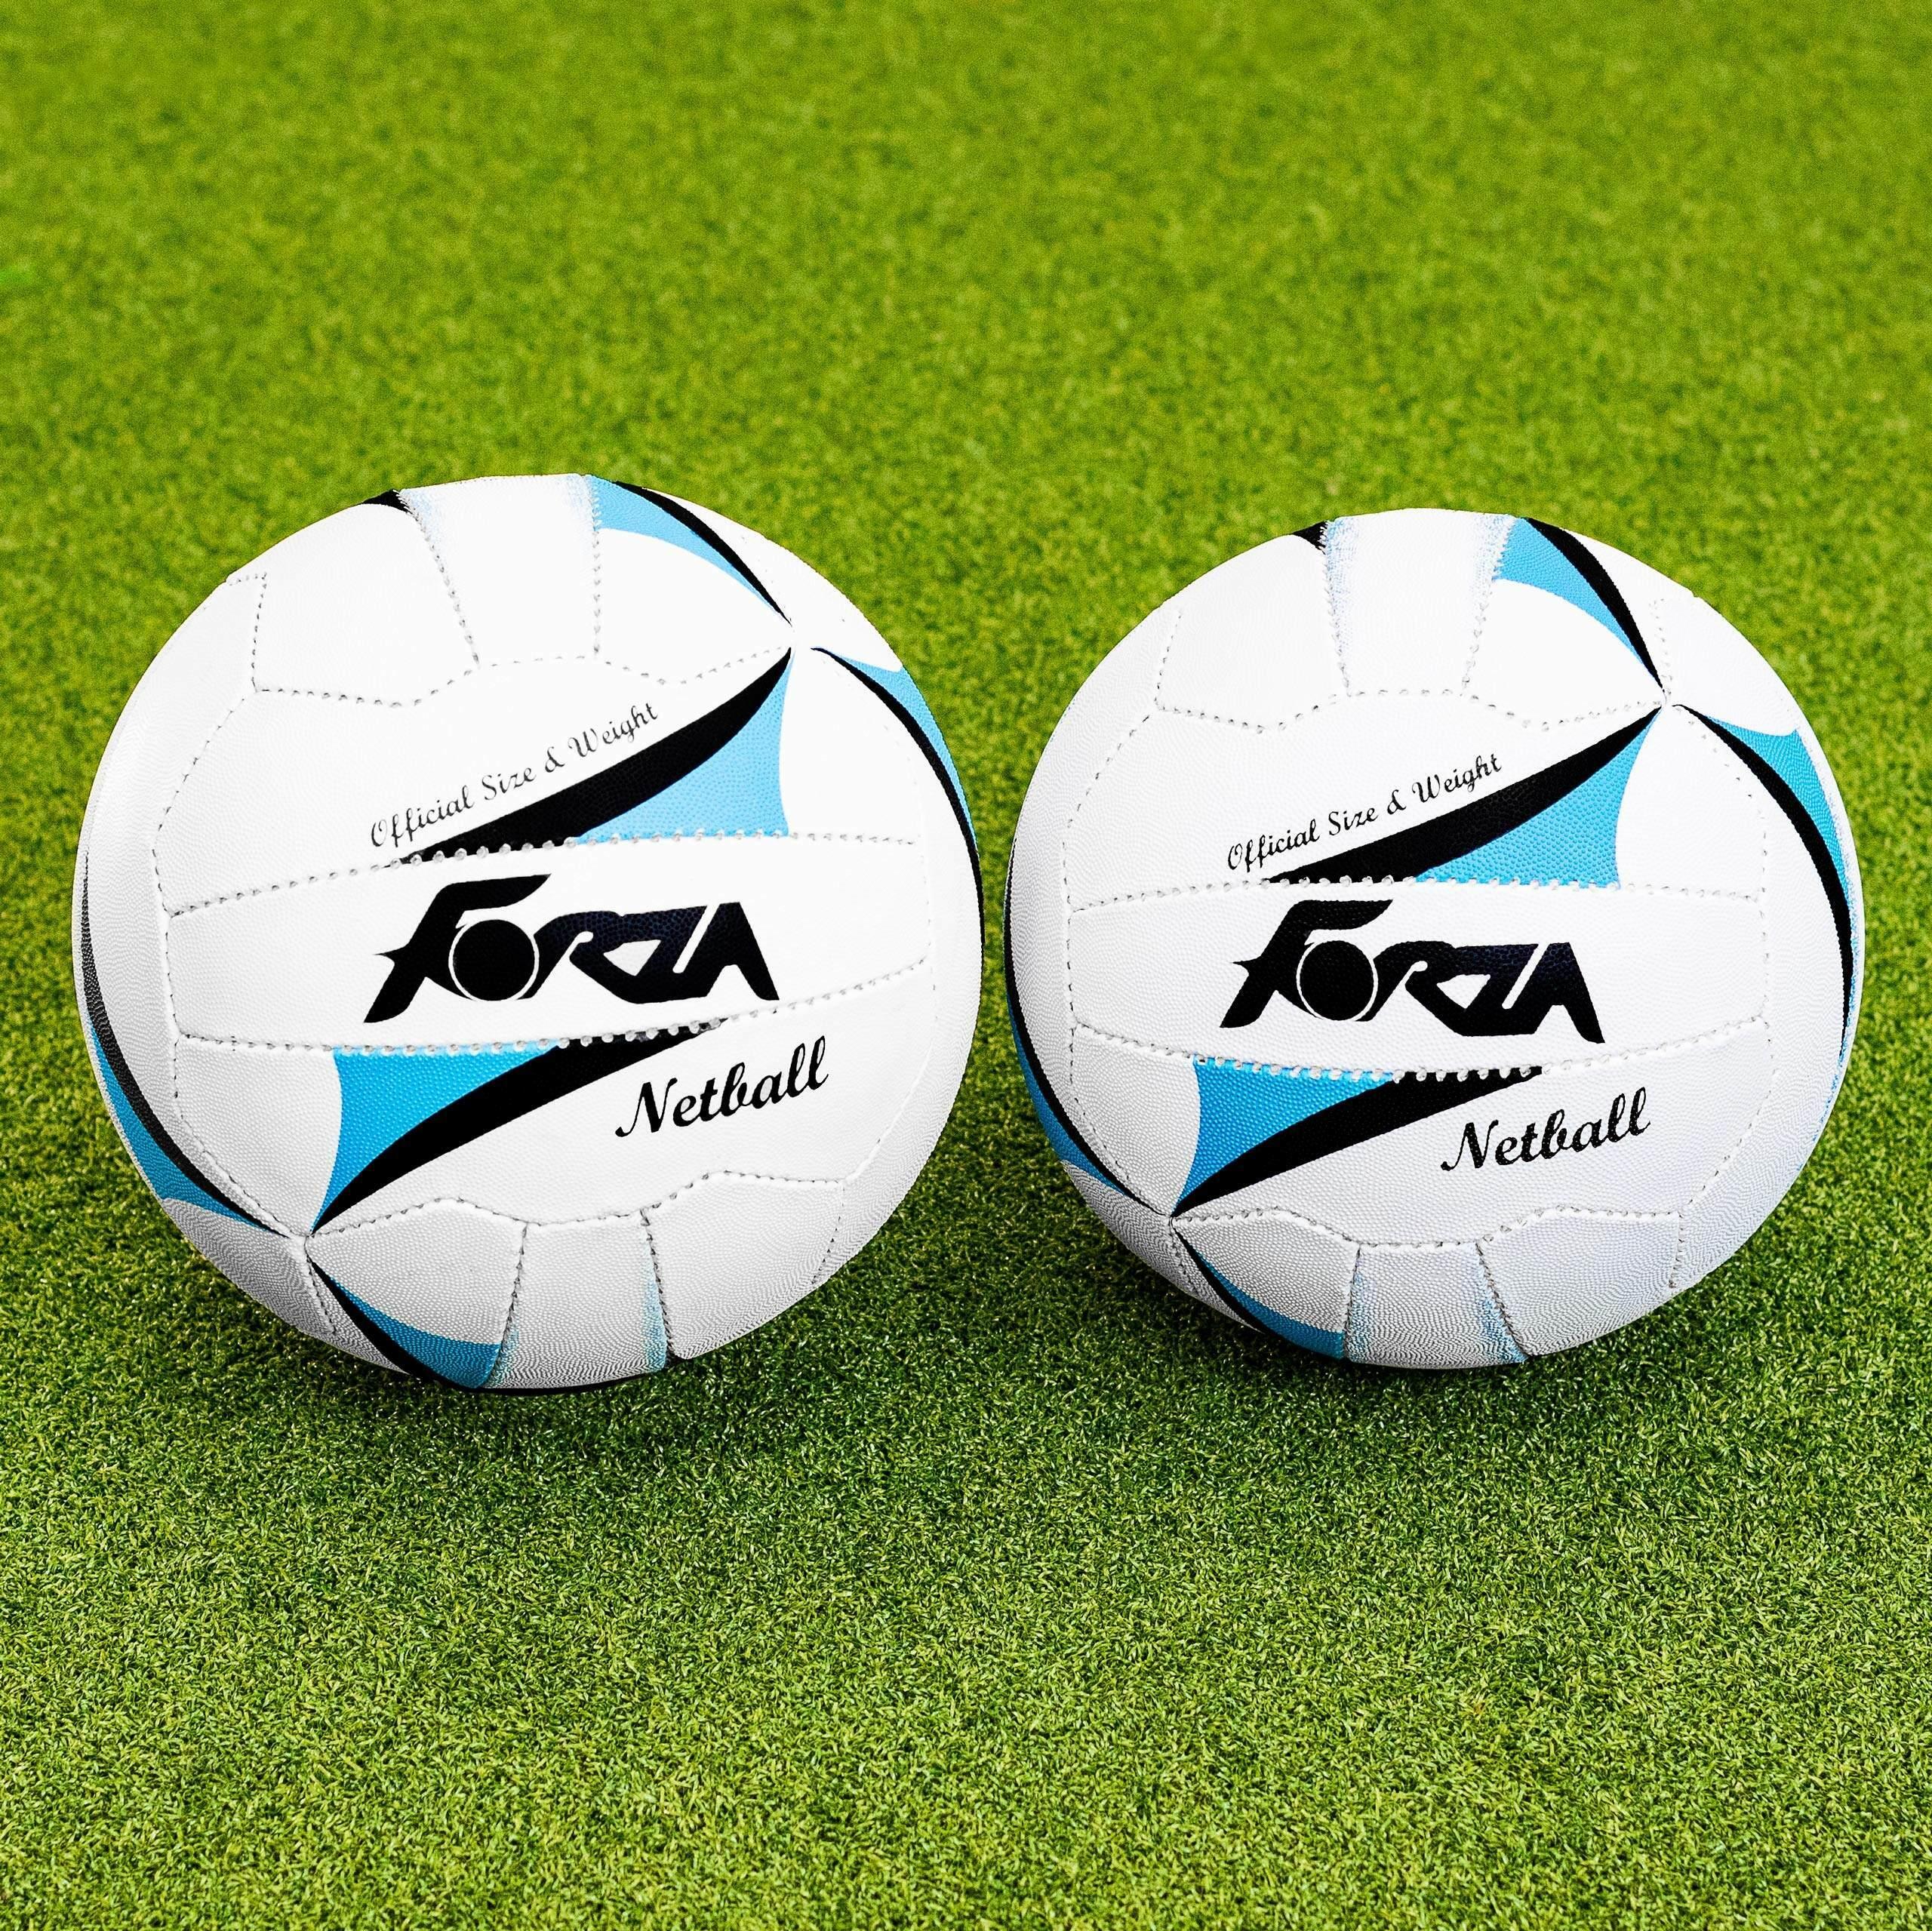 FORZA Match Netballs